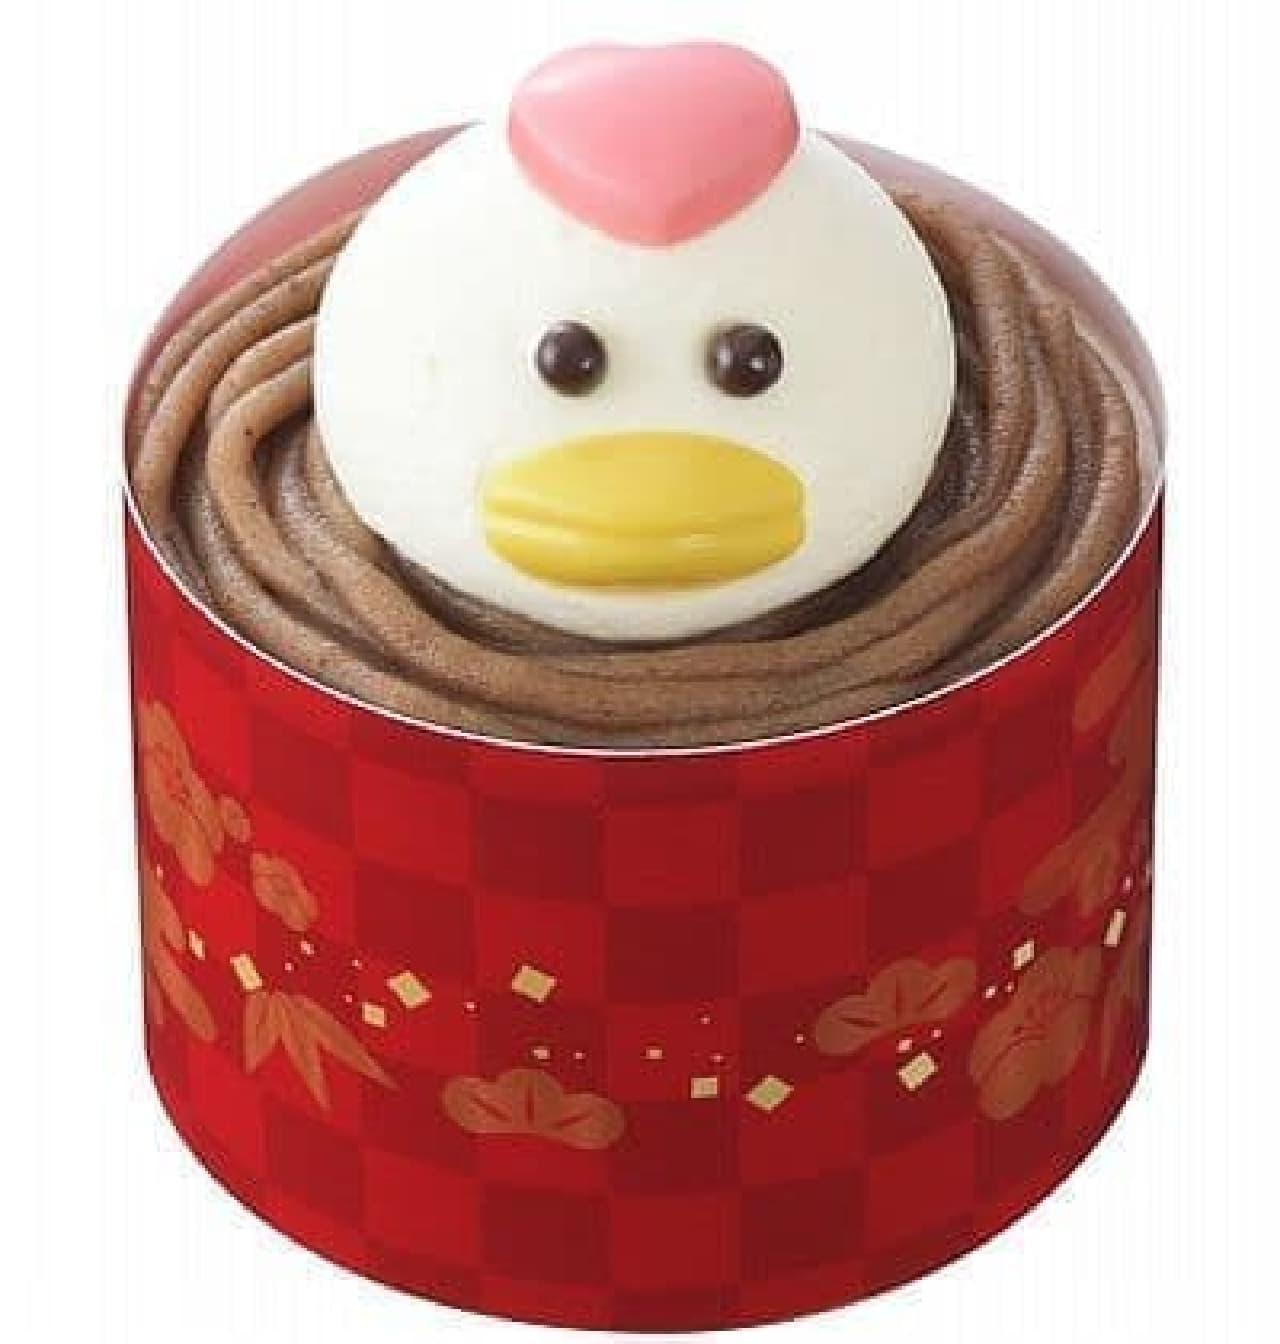 銀座コージーコーナー「酉年のケーキ」